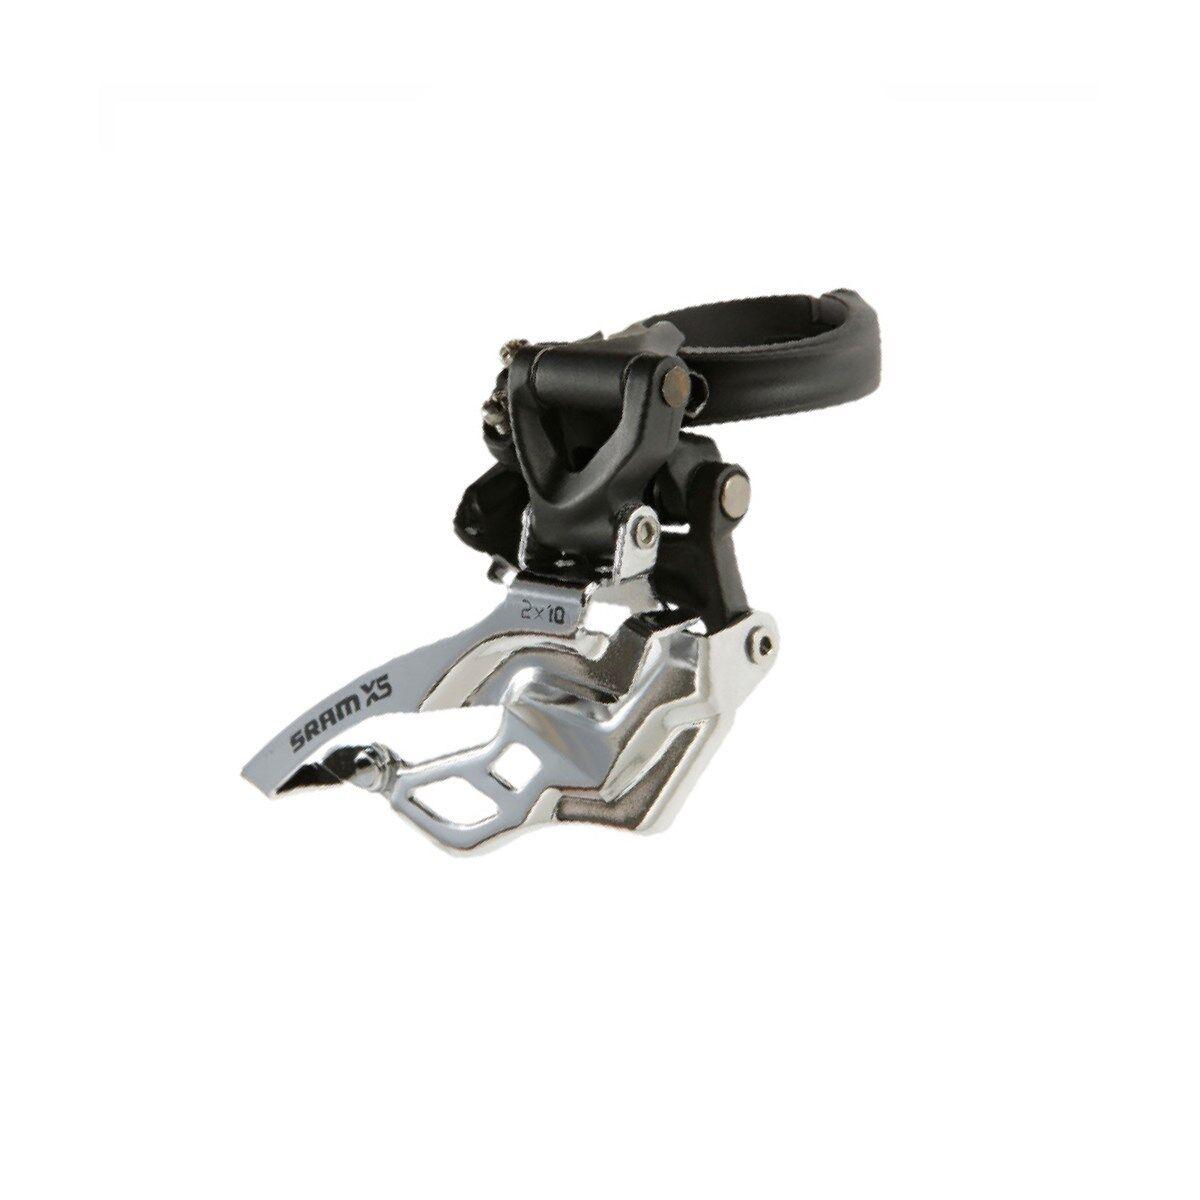 Sram X5 Front Umwerfer 2x10 Niedrige Klemme 31.8 34.9 black Zweizügig